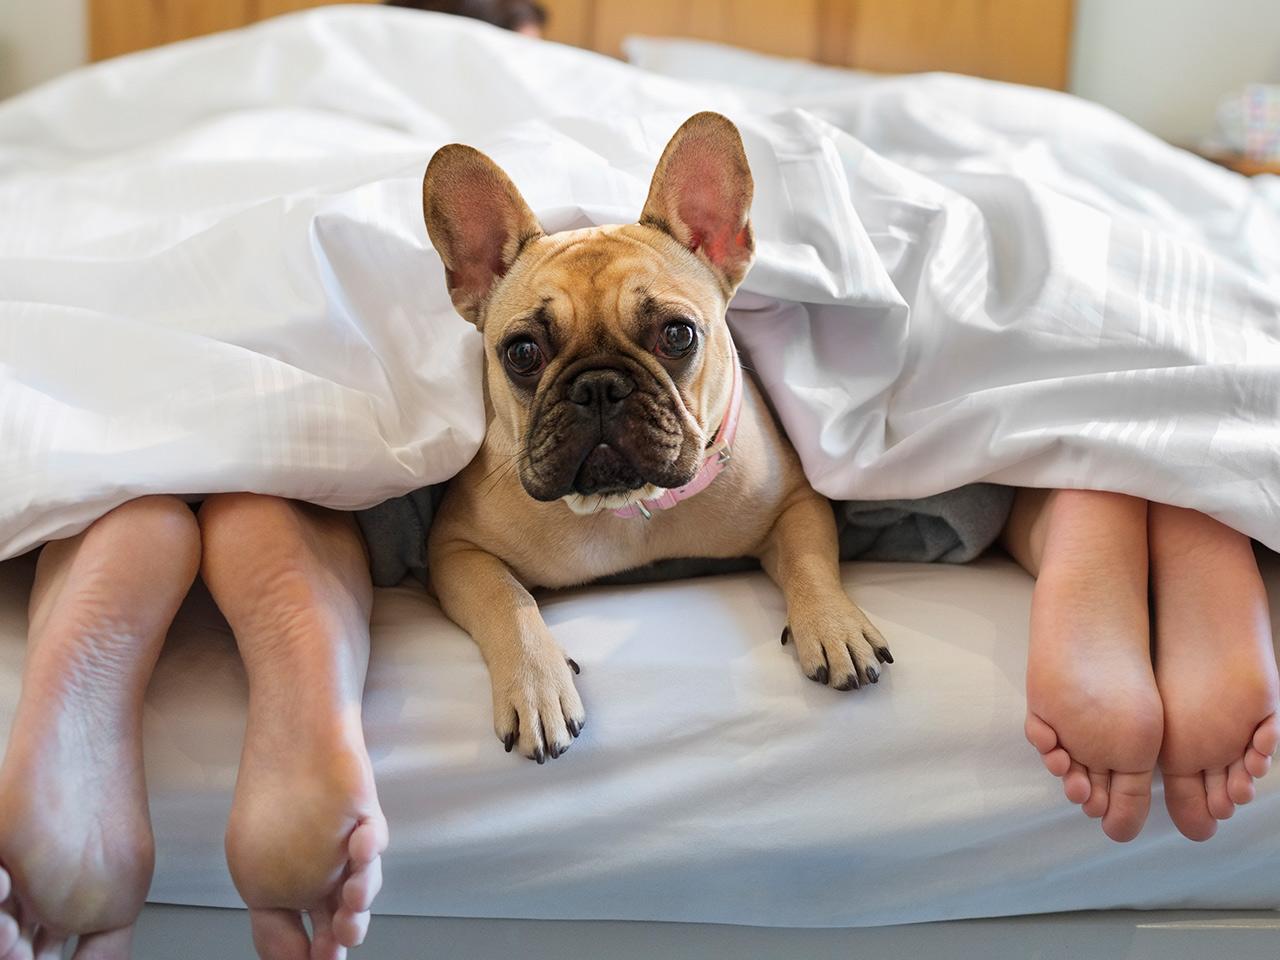 Доказано, что домашние животные в кровати приносят нам чувство спокойствия и безопасности